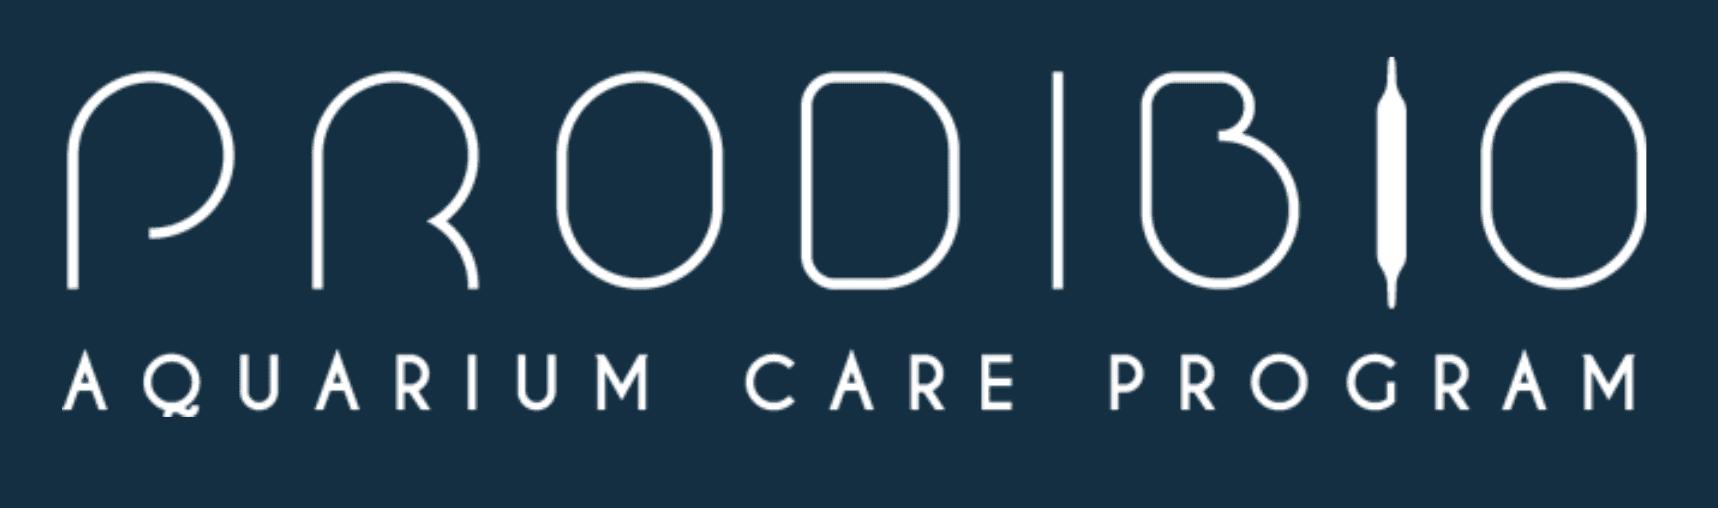 Retrouvez les produits PRODIBIO : soin pour poissons, entretien de l'aquarium, traitement bactérien, sel marin et suppléments nutritifs